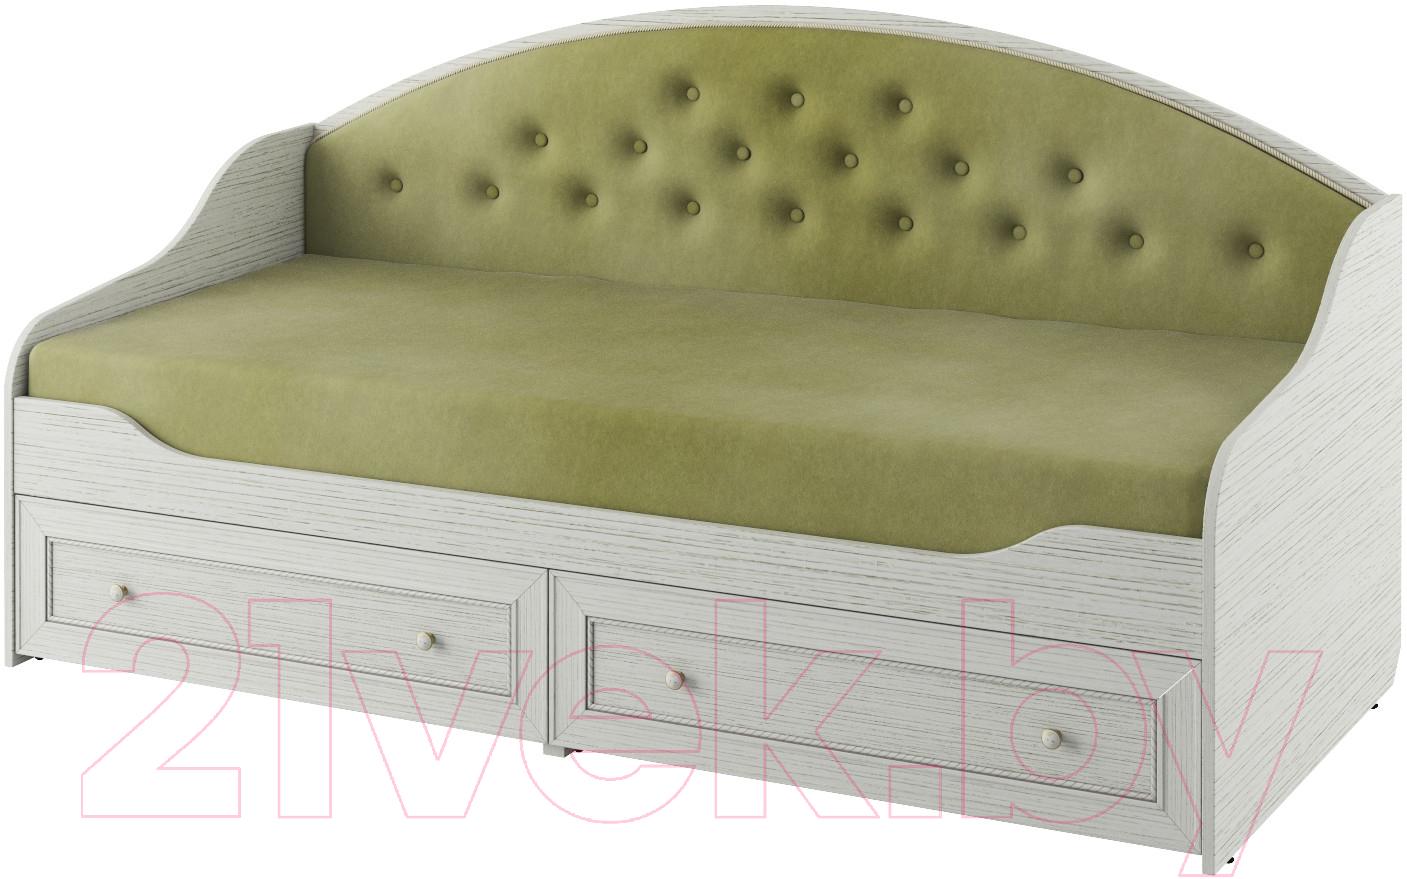 Купить Односпальная кровать Softform, Стрекоза (гасиенда/вельвет лайт 4), Беларусь